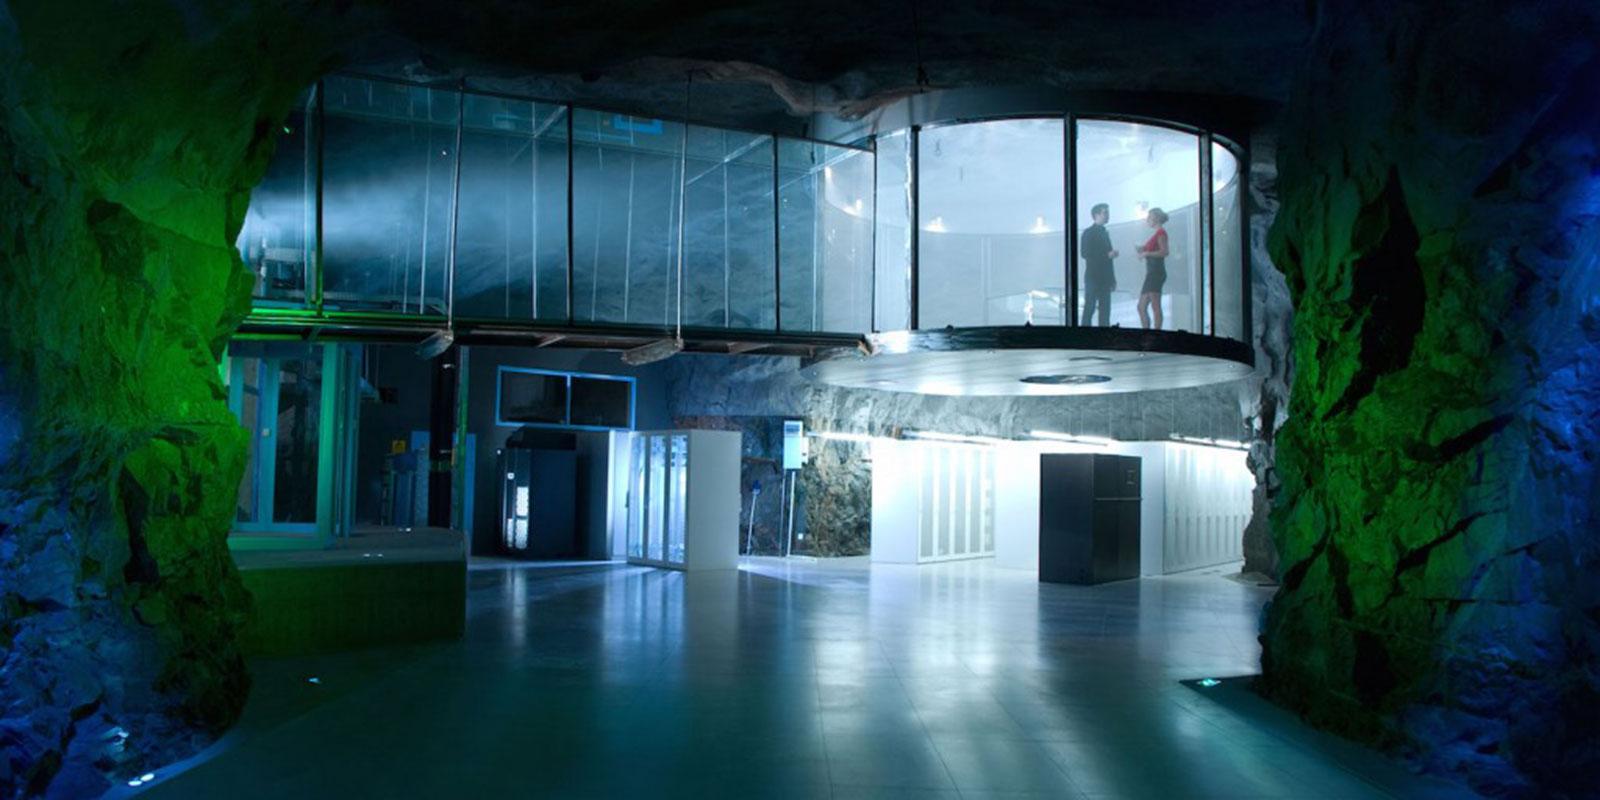 pionen datacenter bahnhof